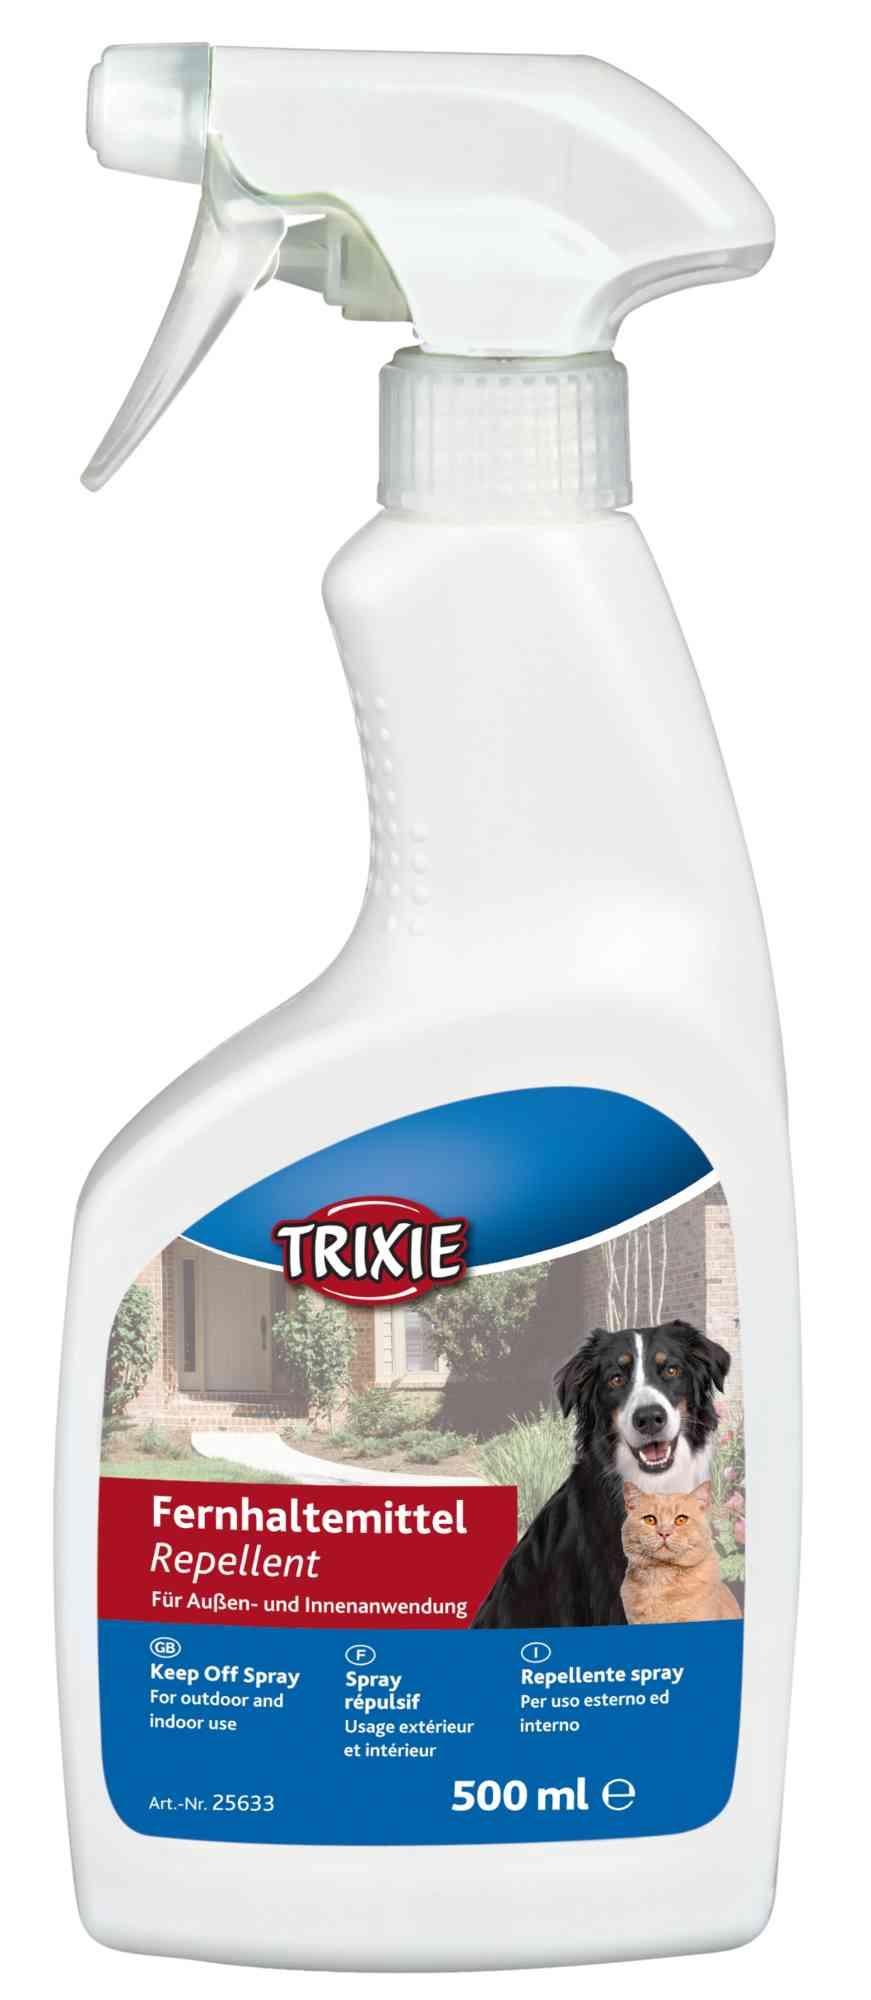 TRIXIE Fernhaltemittel Repellent Spray, 500 ml